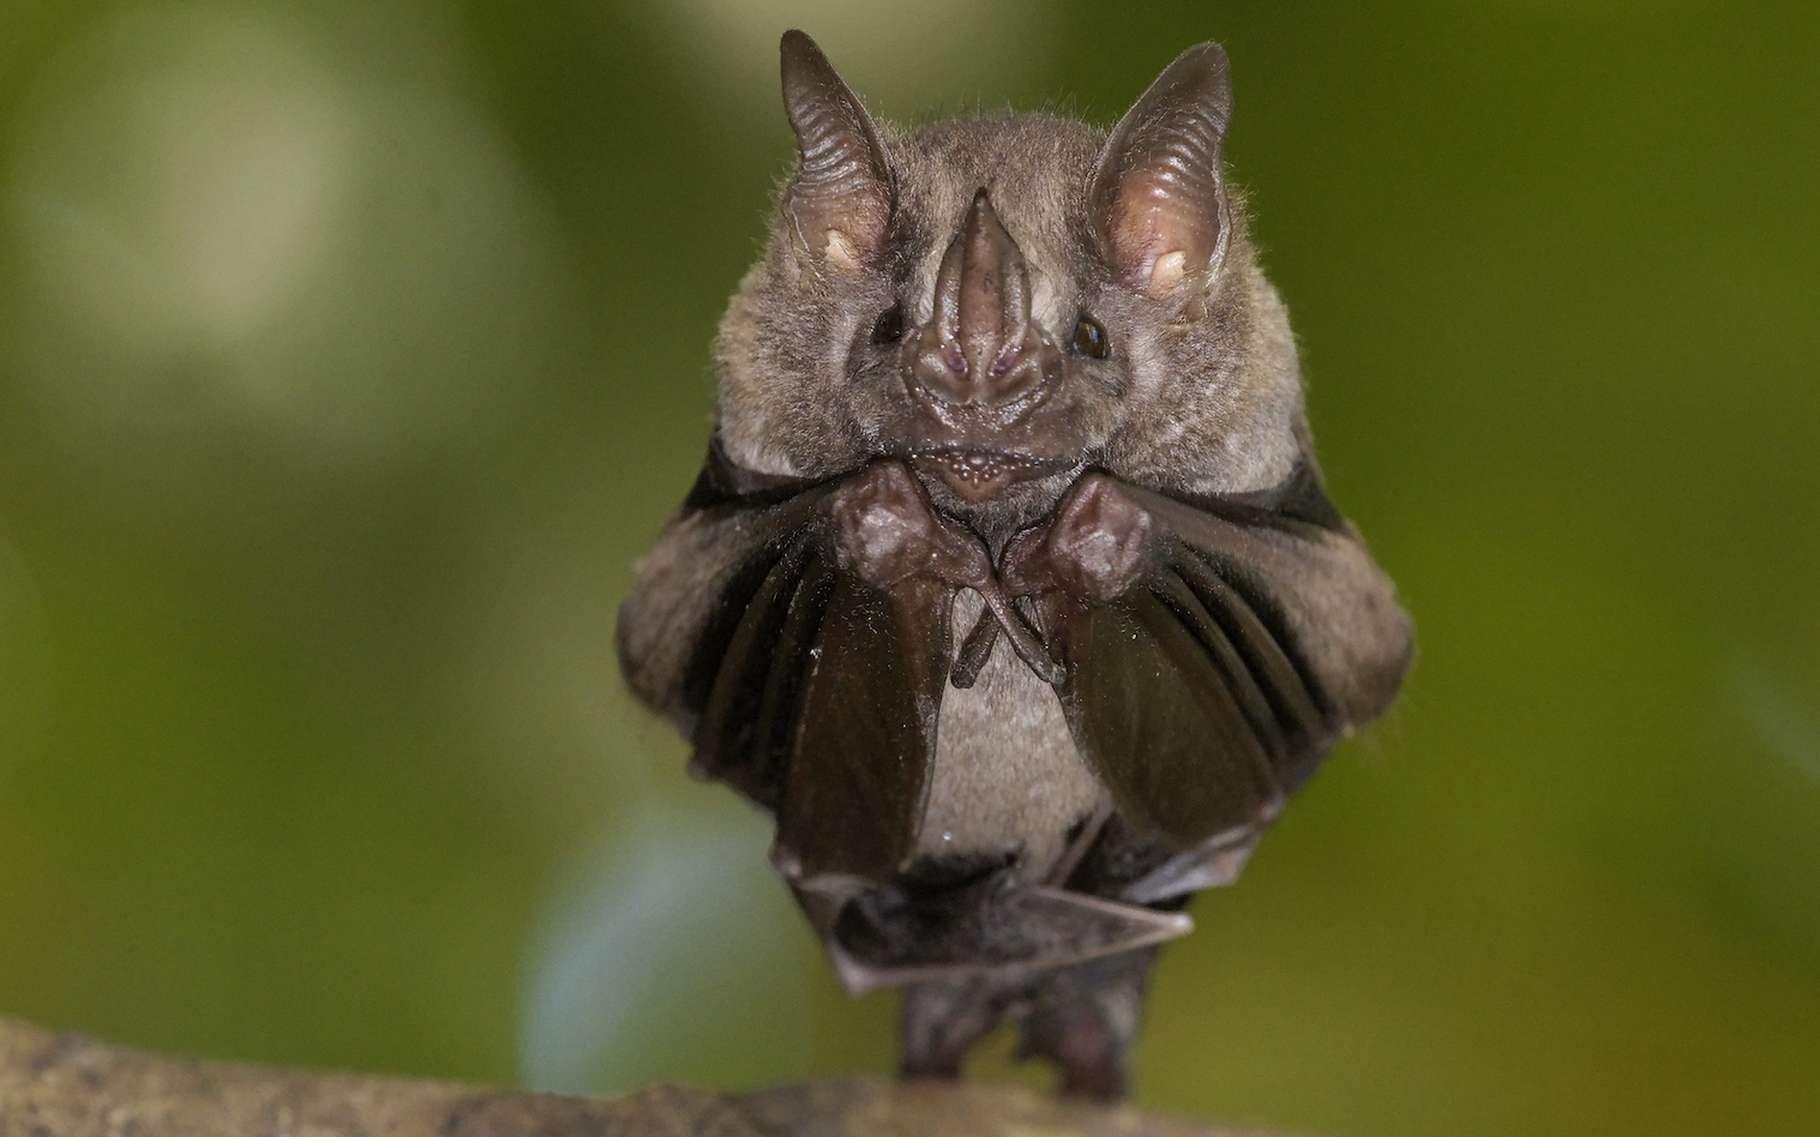 Les chauves-souris n'ont pas forcément bonne presse. Pourtant, elles rendent de fiers services aux écosystèmes. Les chercheurs nous apprennent aussi que leurs comportements peuvent être complexes. Et qu'elles ne sont… pas si bêtes ! © amskad, Adobe Stock